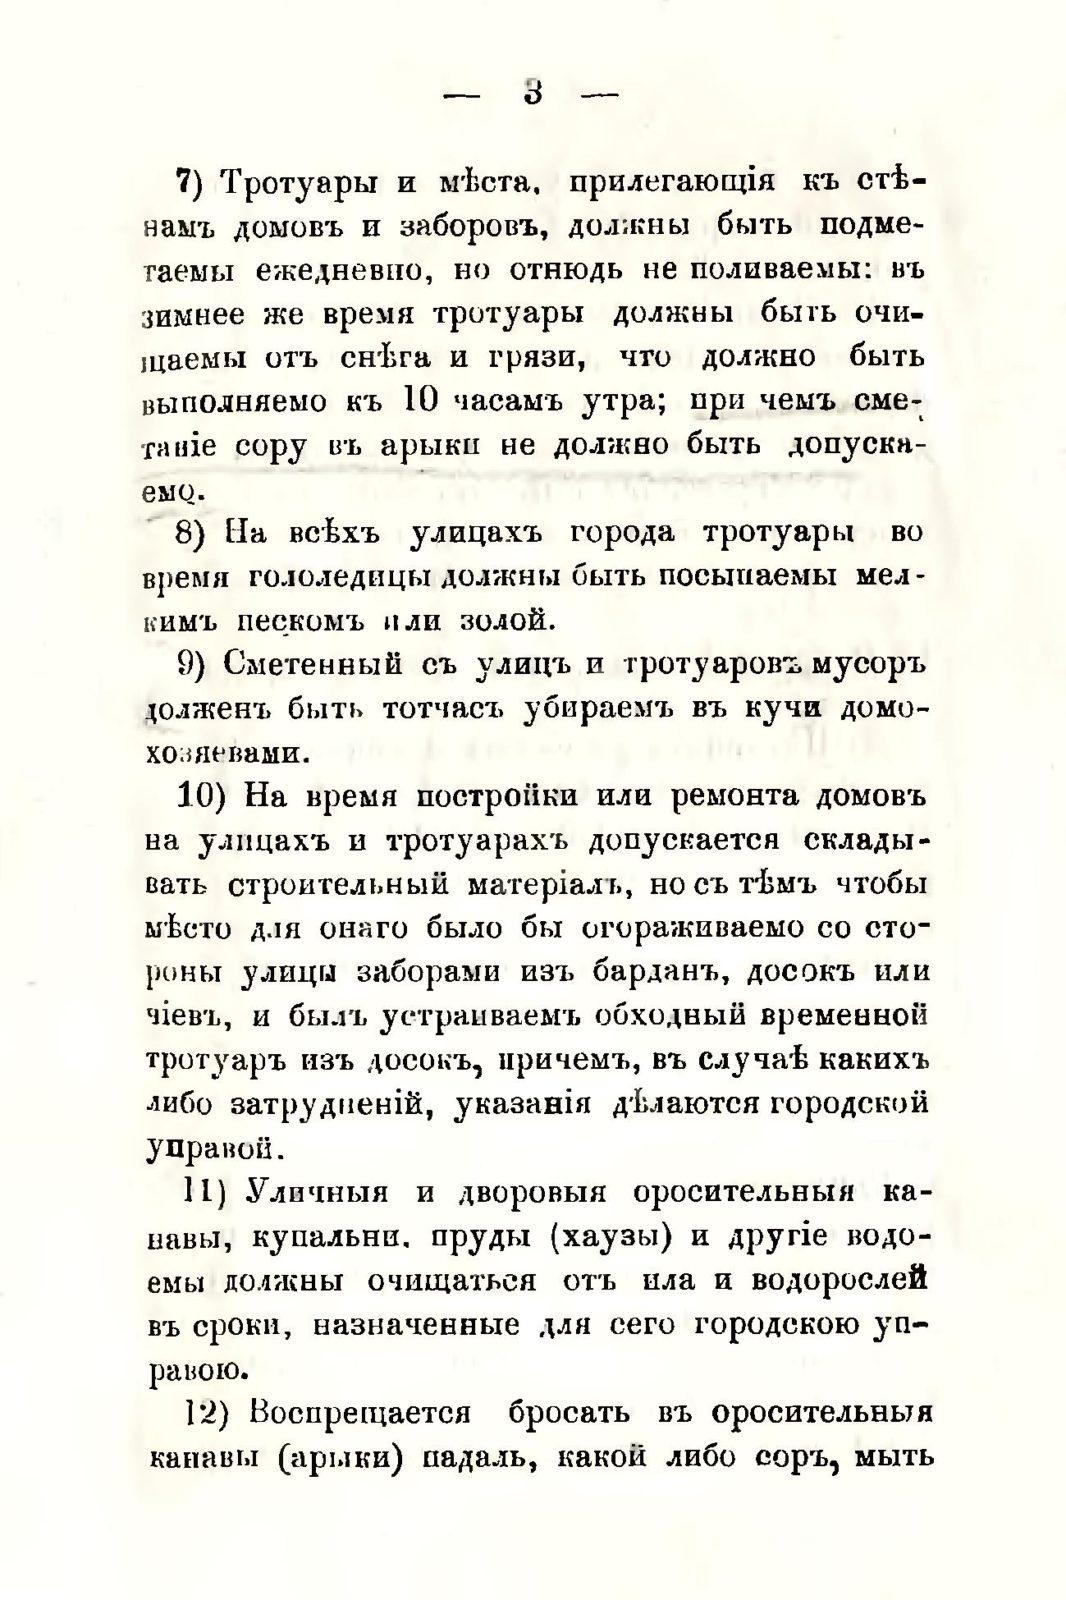 sbornik_obyazatelnyh_postanovlenii_tashkentskoi_gorodskoi_du_87